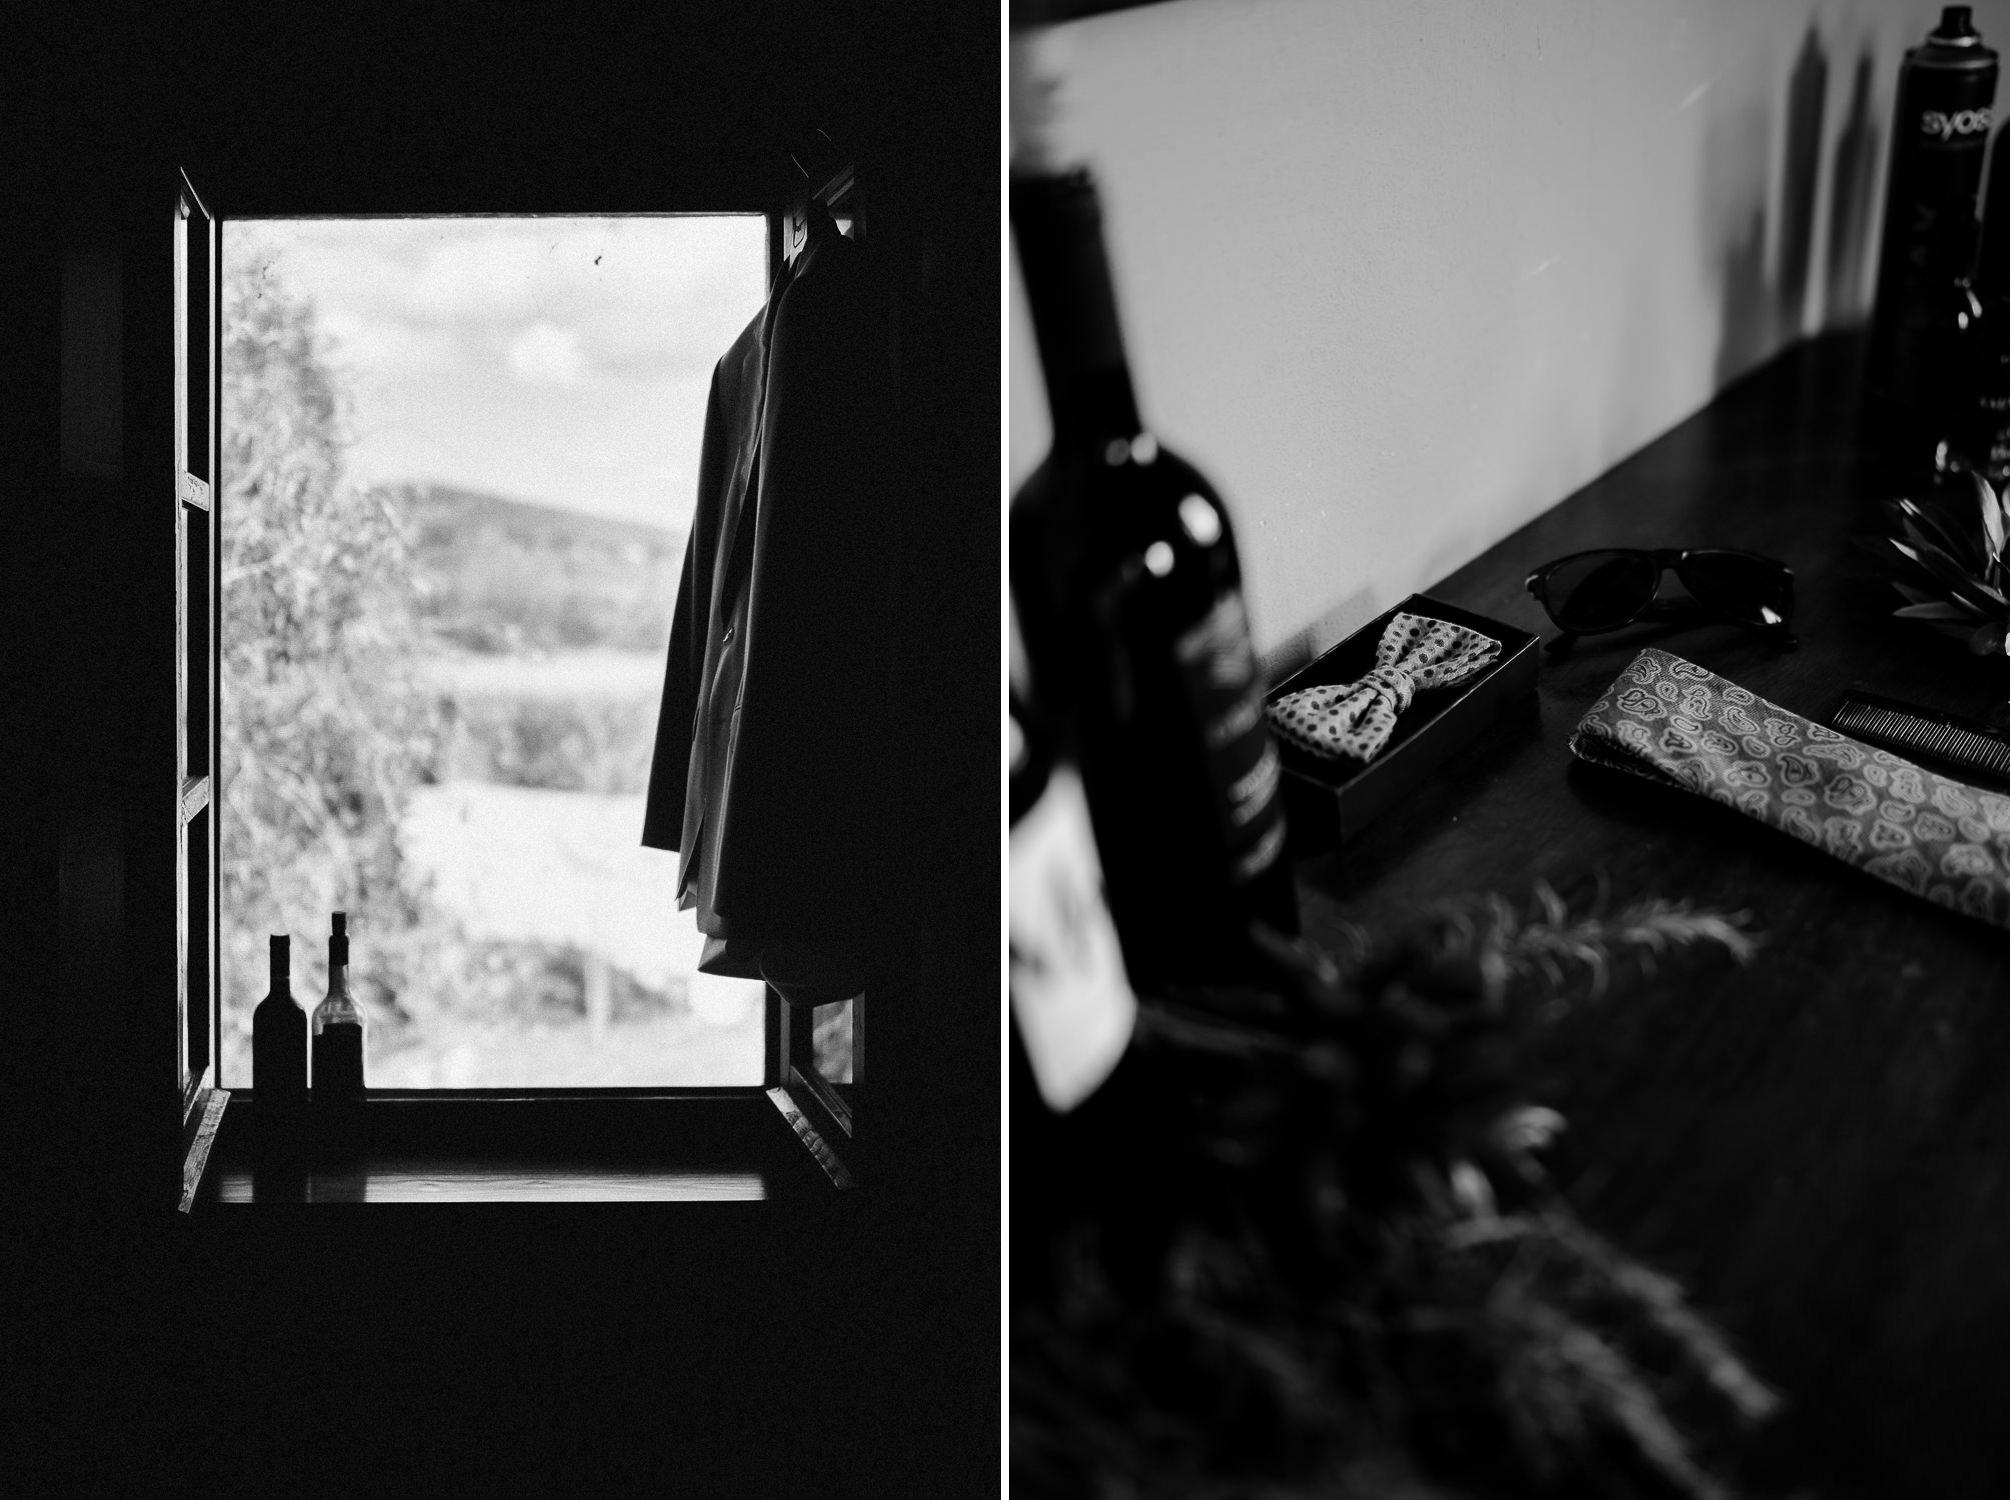 bruidsfotografie-trouwfotograaf-amsterdam-utrecht-mark-hadden-Judith-Igor-122-2 copy.jpg